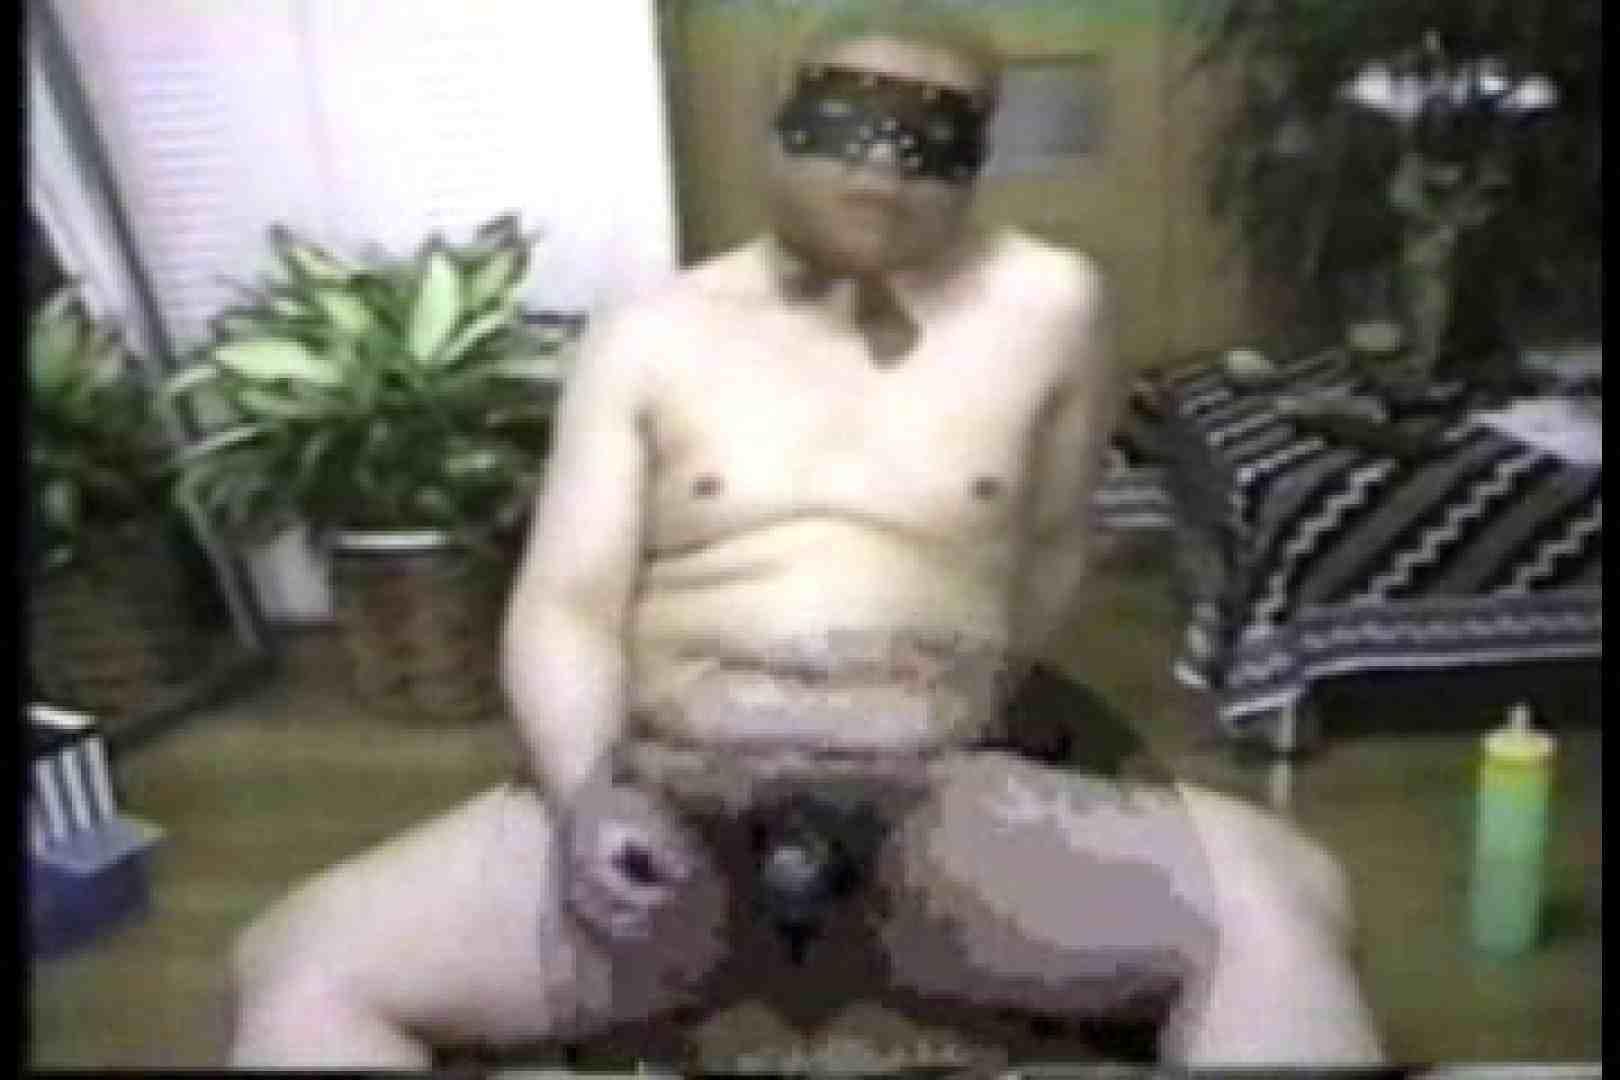 太った男じゃダメですか?10 ゲイのオナニー ゲイエロ画像 10画像 2